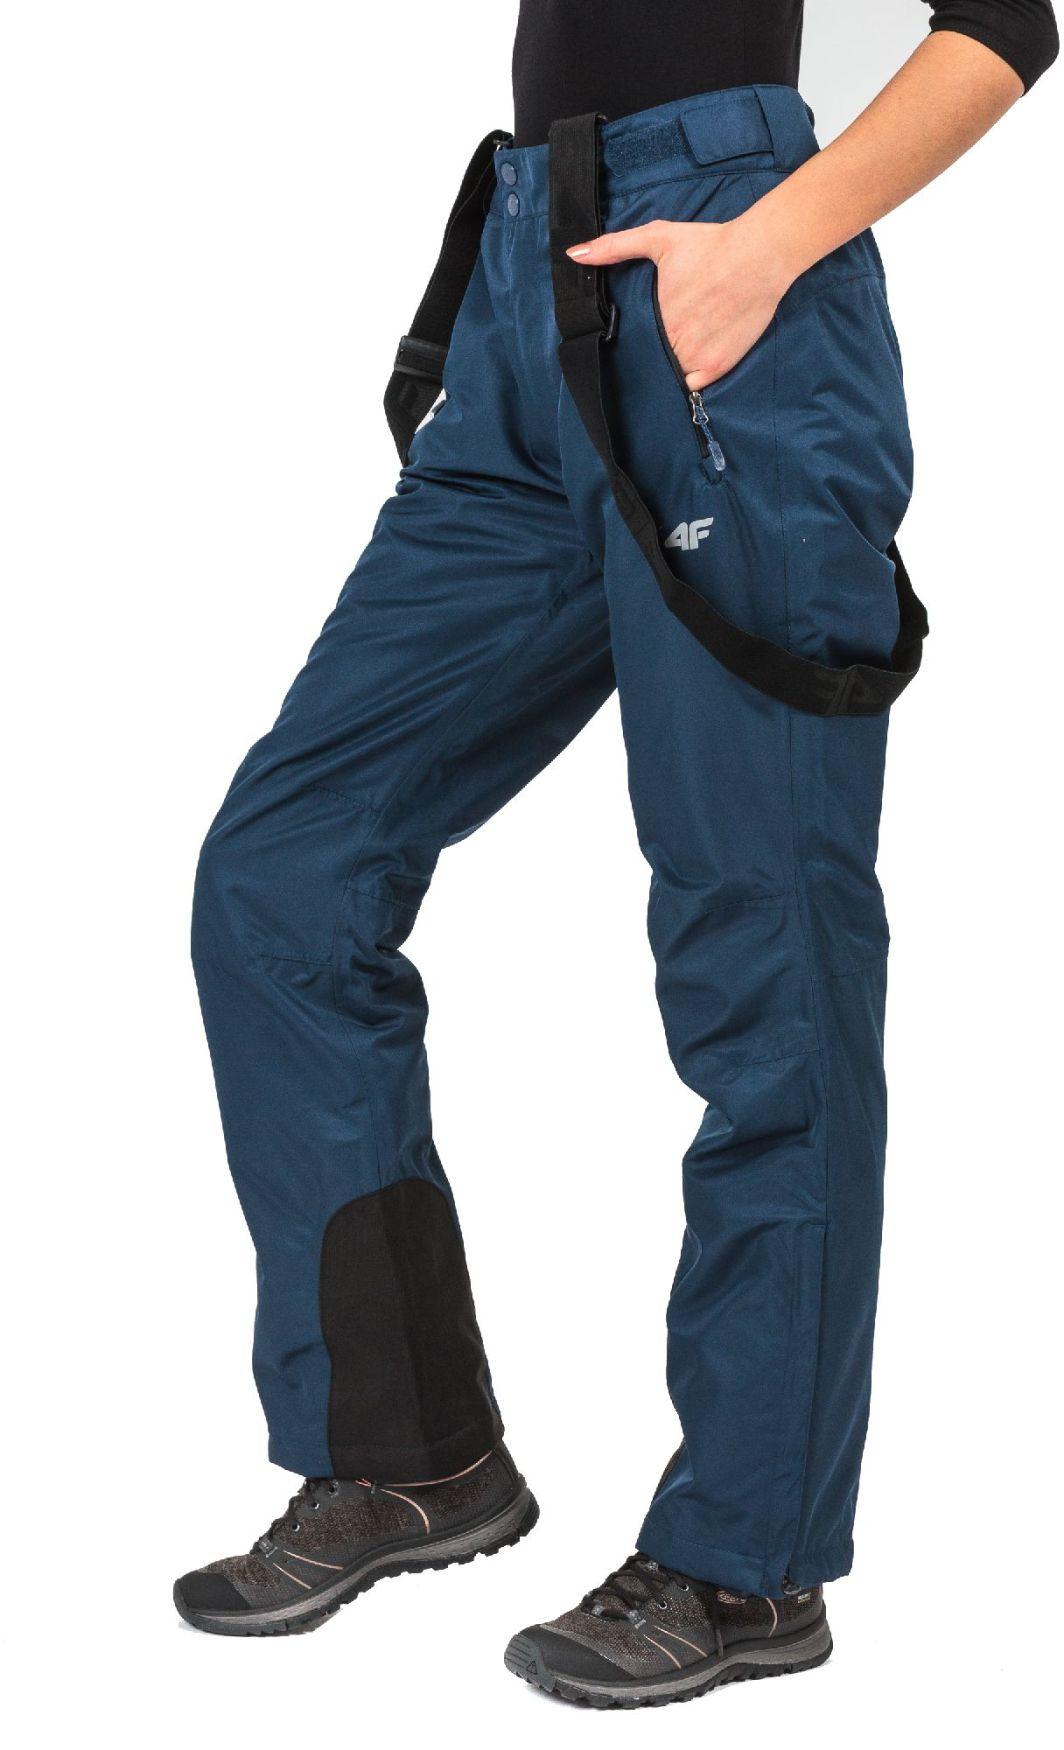 573b3e449 4f Spodnie narciarskie damskie H4Z17-SPDN001 Granatowe r. L w  Sklep-presto.pl